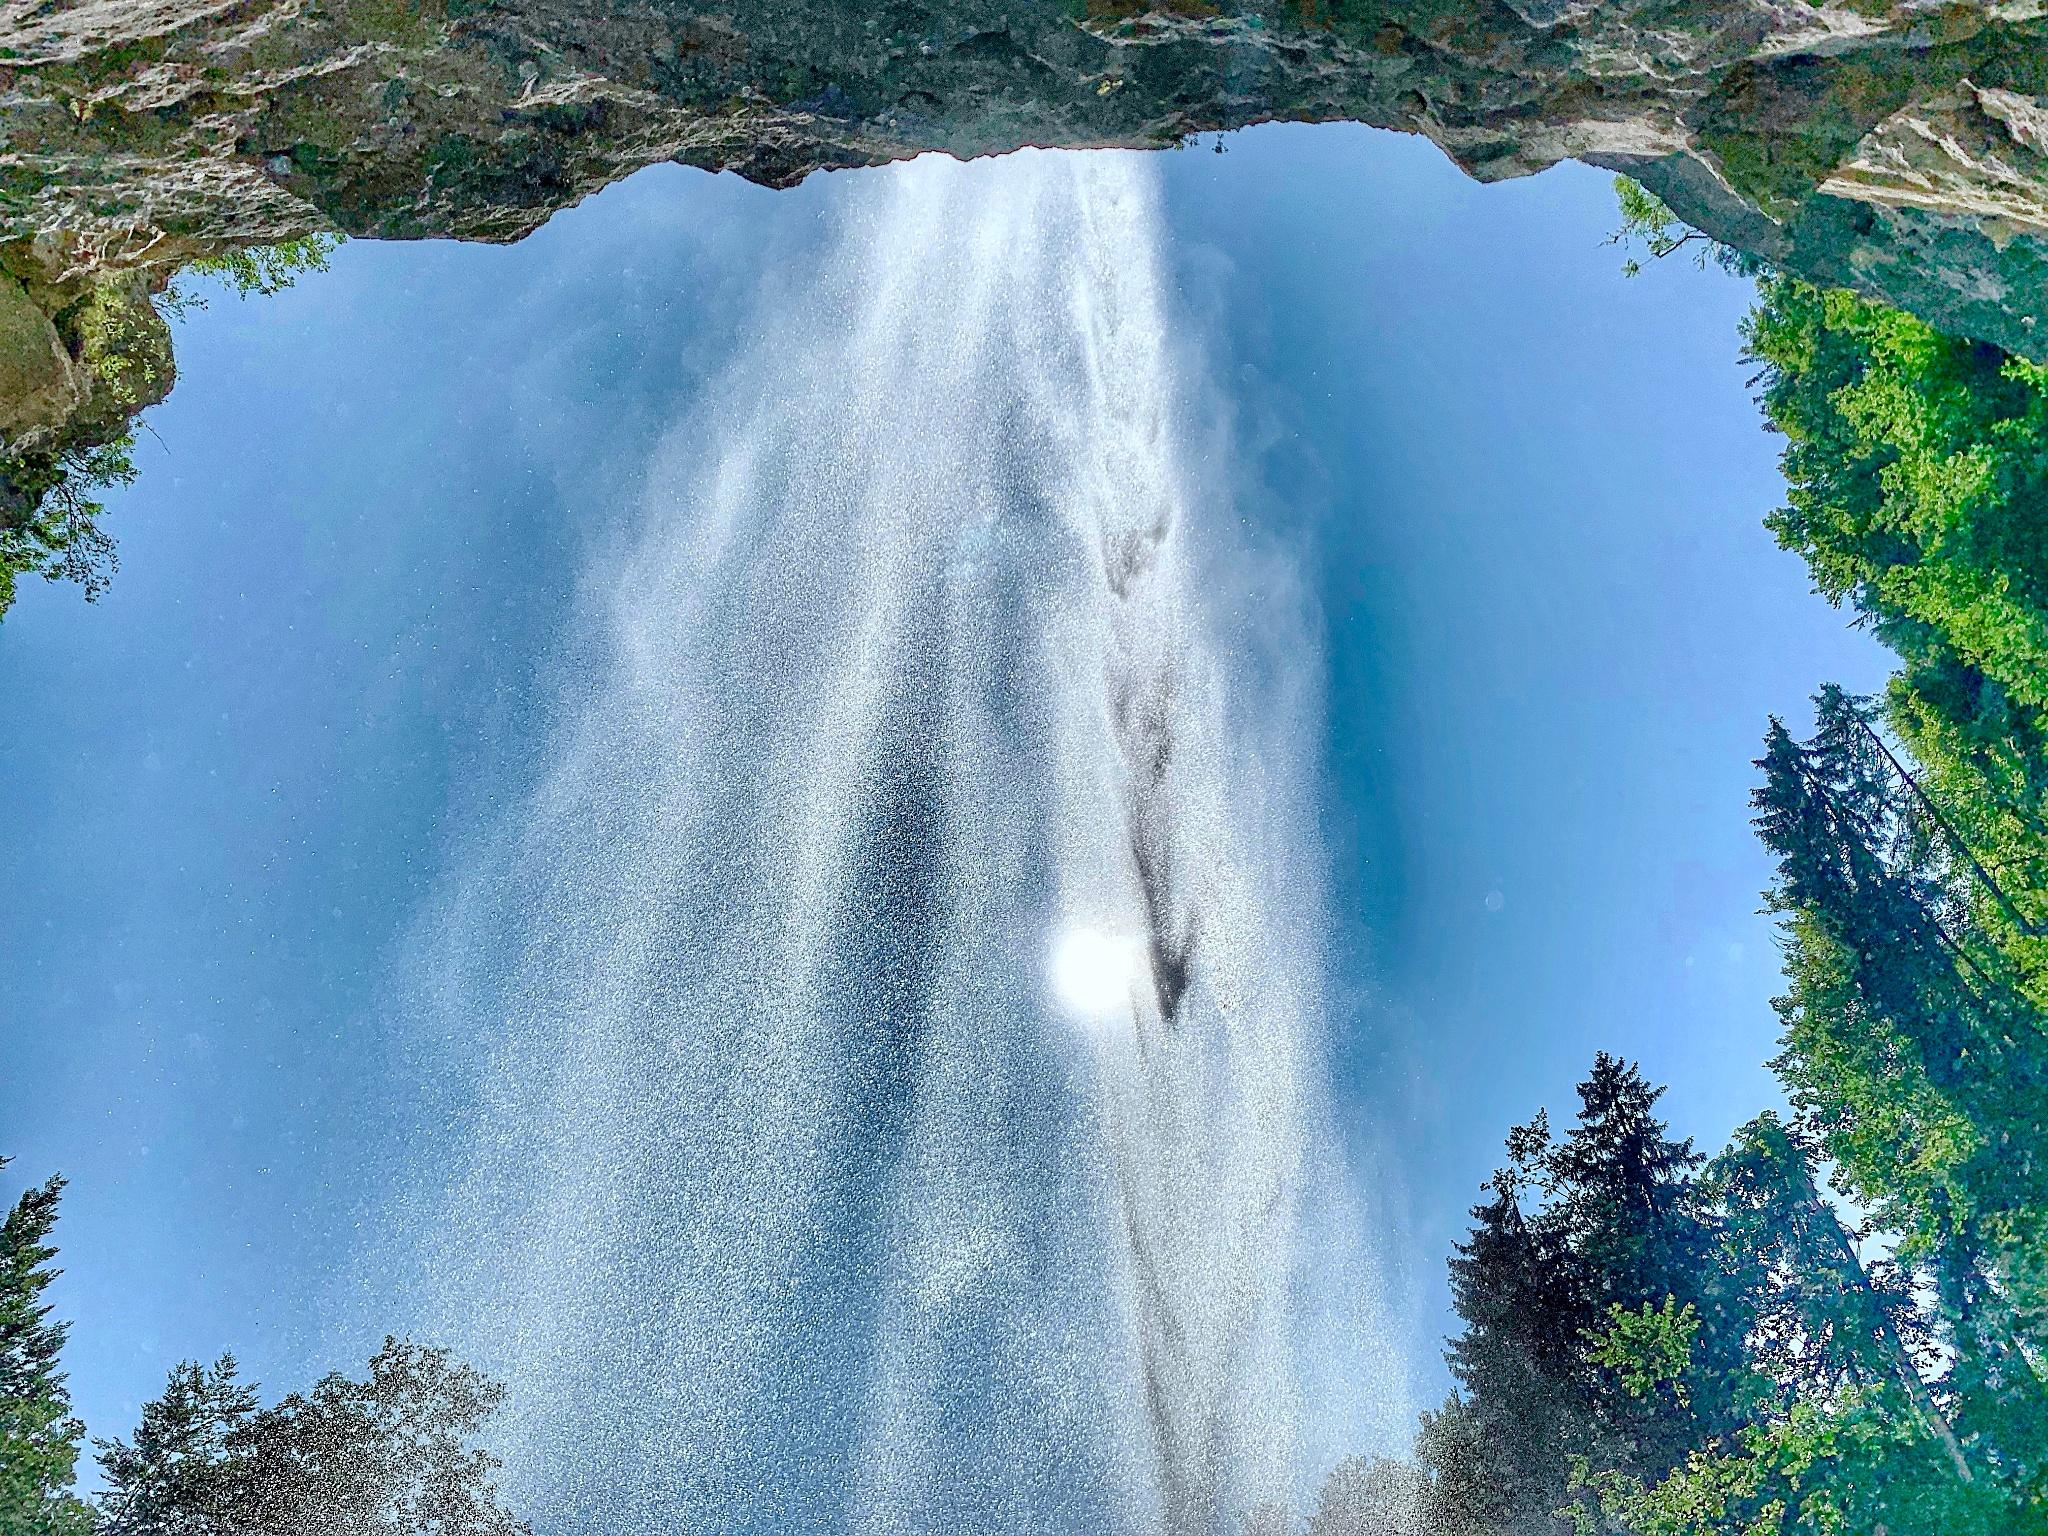 Wasserfall Schossrinn